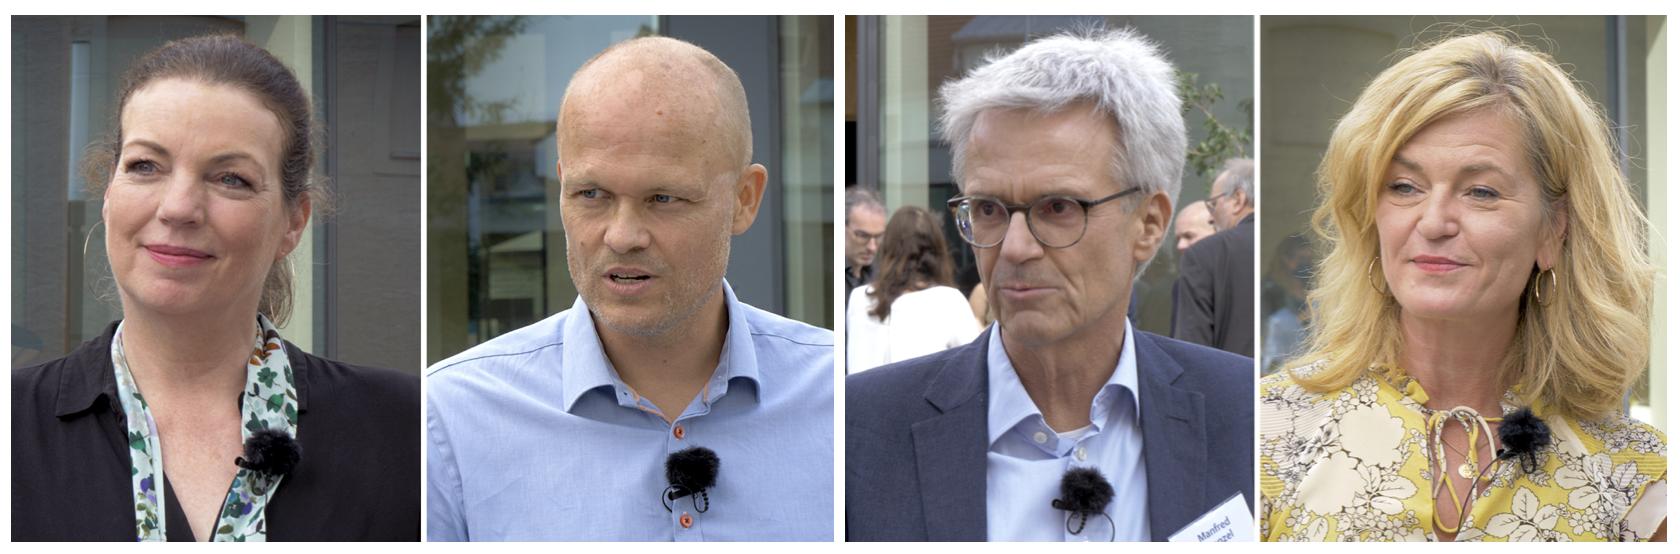 Kerstin Wilmans, Jeppe Bundsgaard, Manfred Prenzel und Miriam Pech (v.l.n.r.)